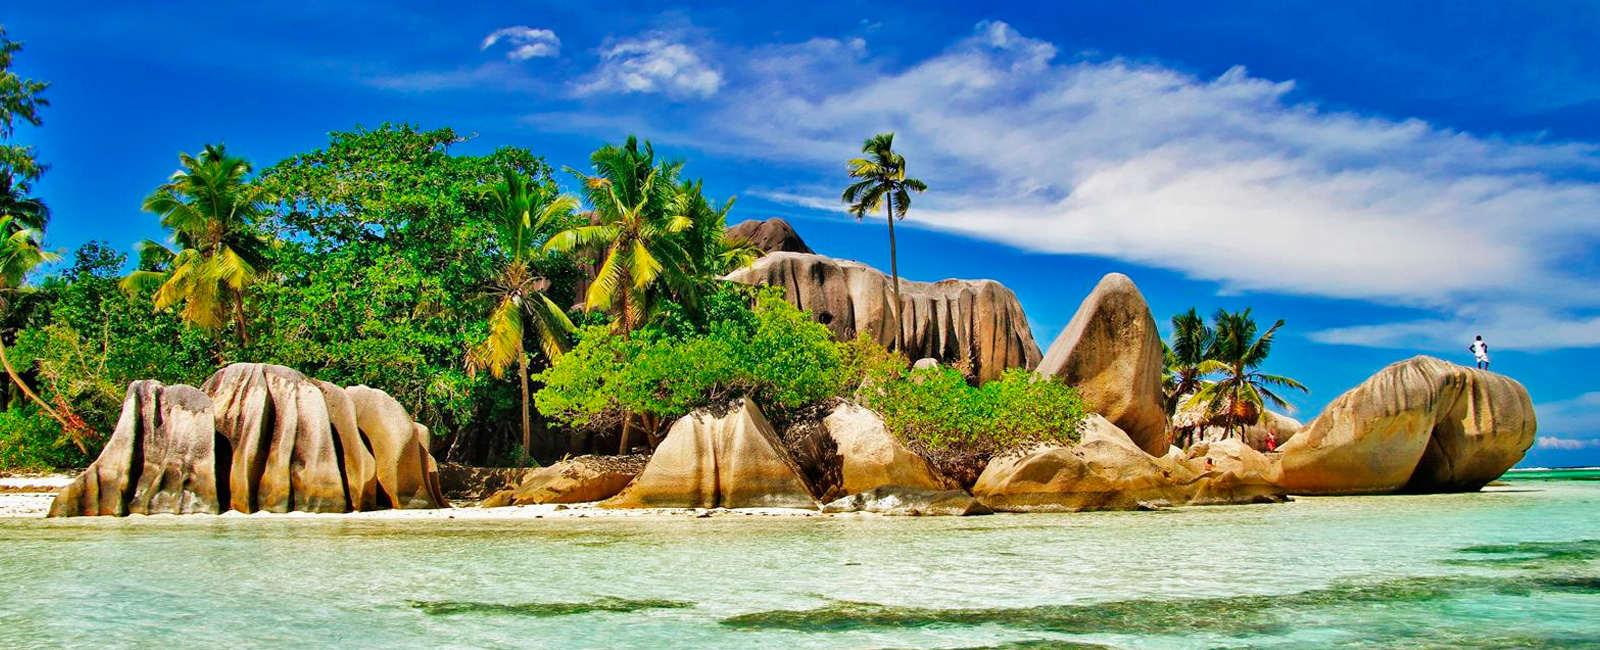 Las mejores islas paradisiacas